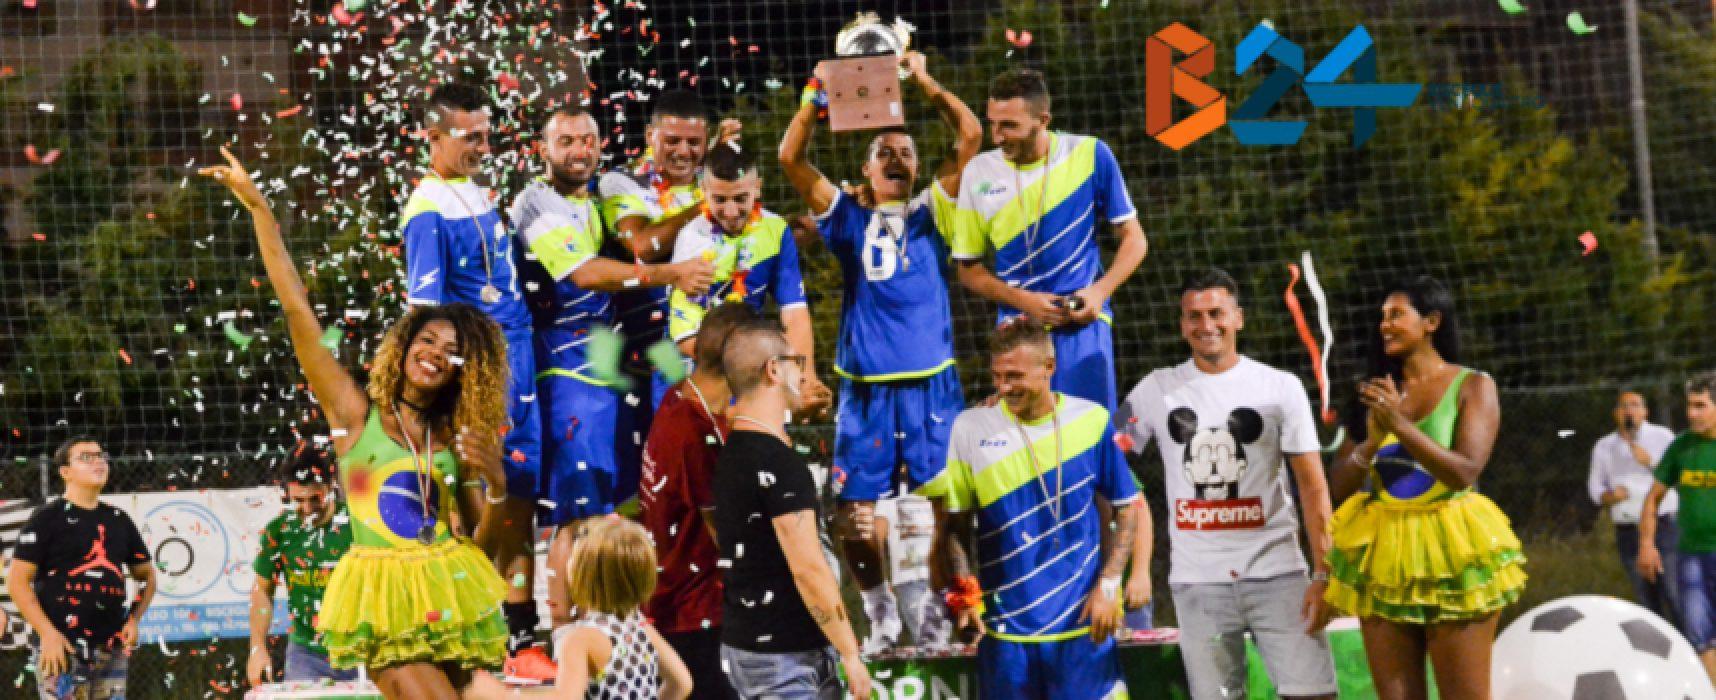 The Madcap vince la 14esima edizione del Trofeo Bisceglie24 / VIDEO e FOTO